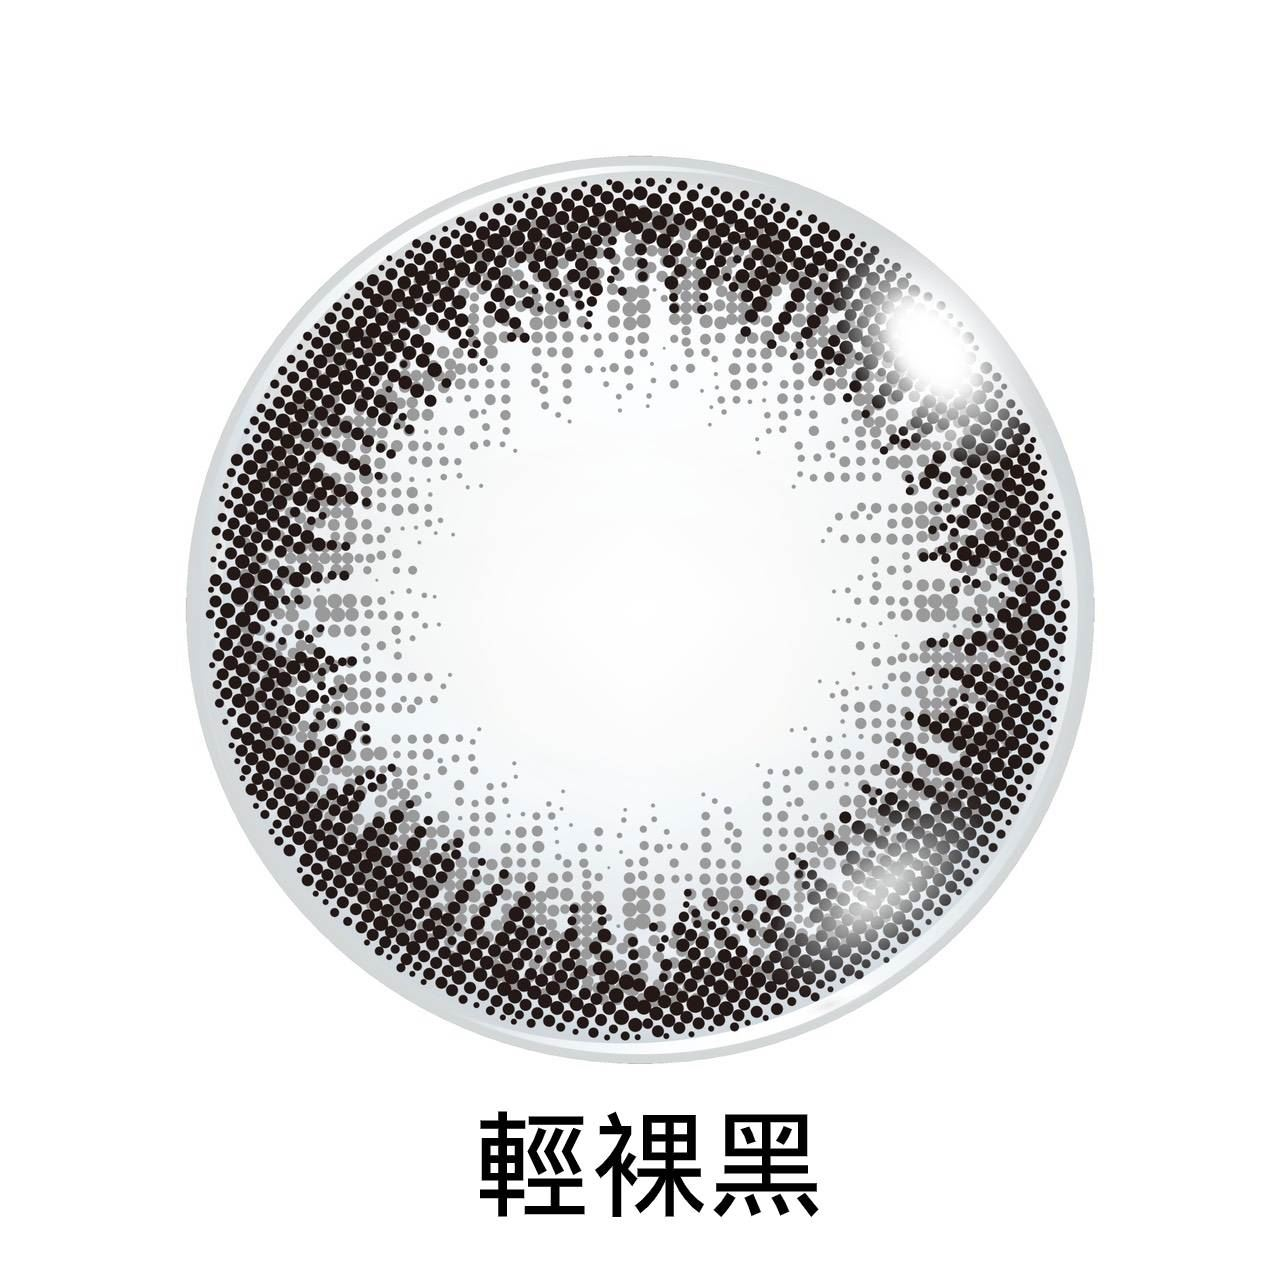 緹艾絲彩色日拋(10片裝)4